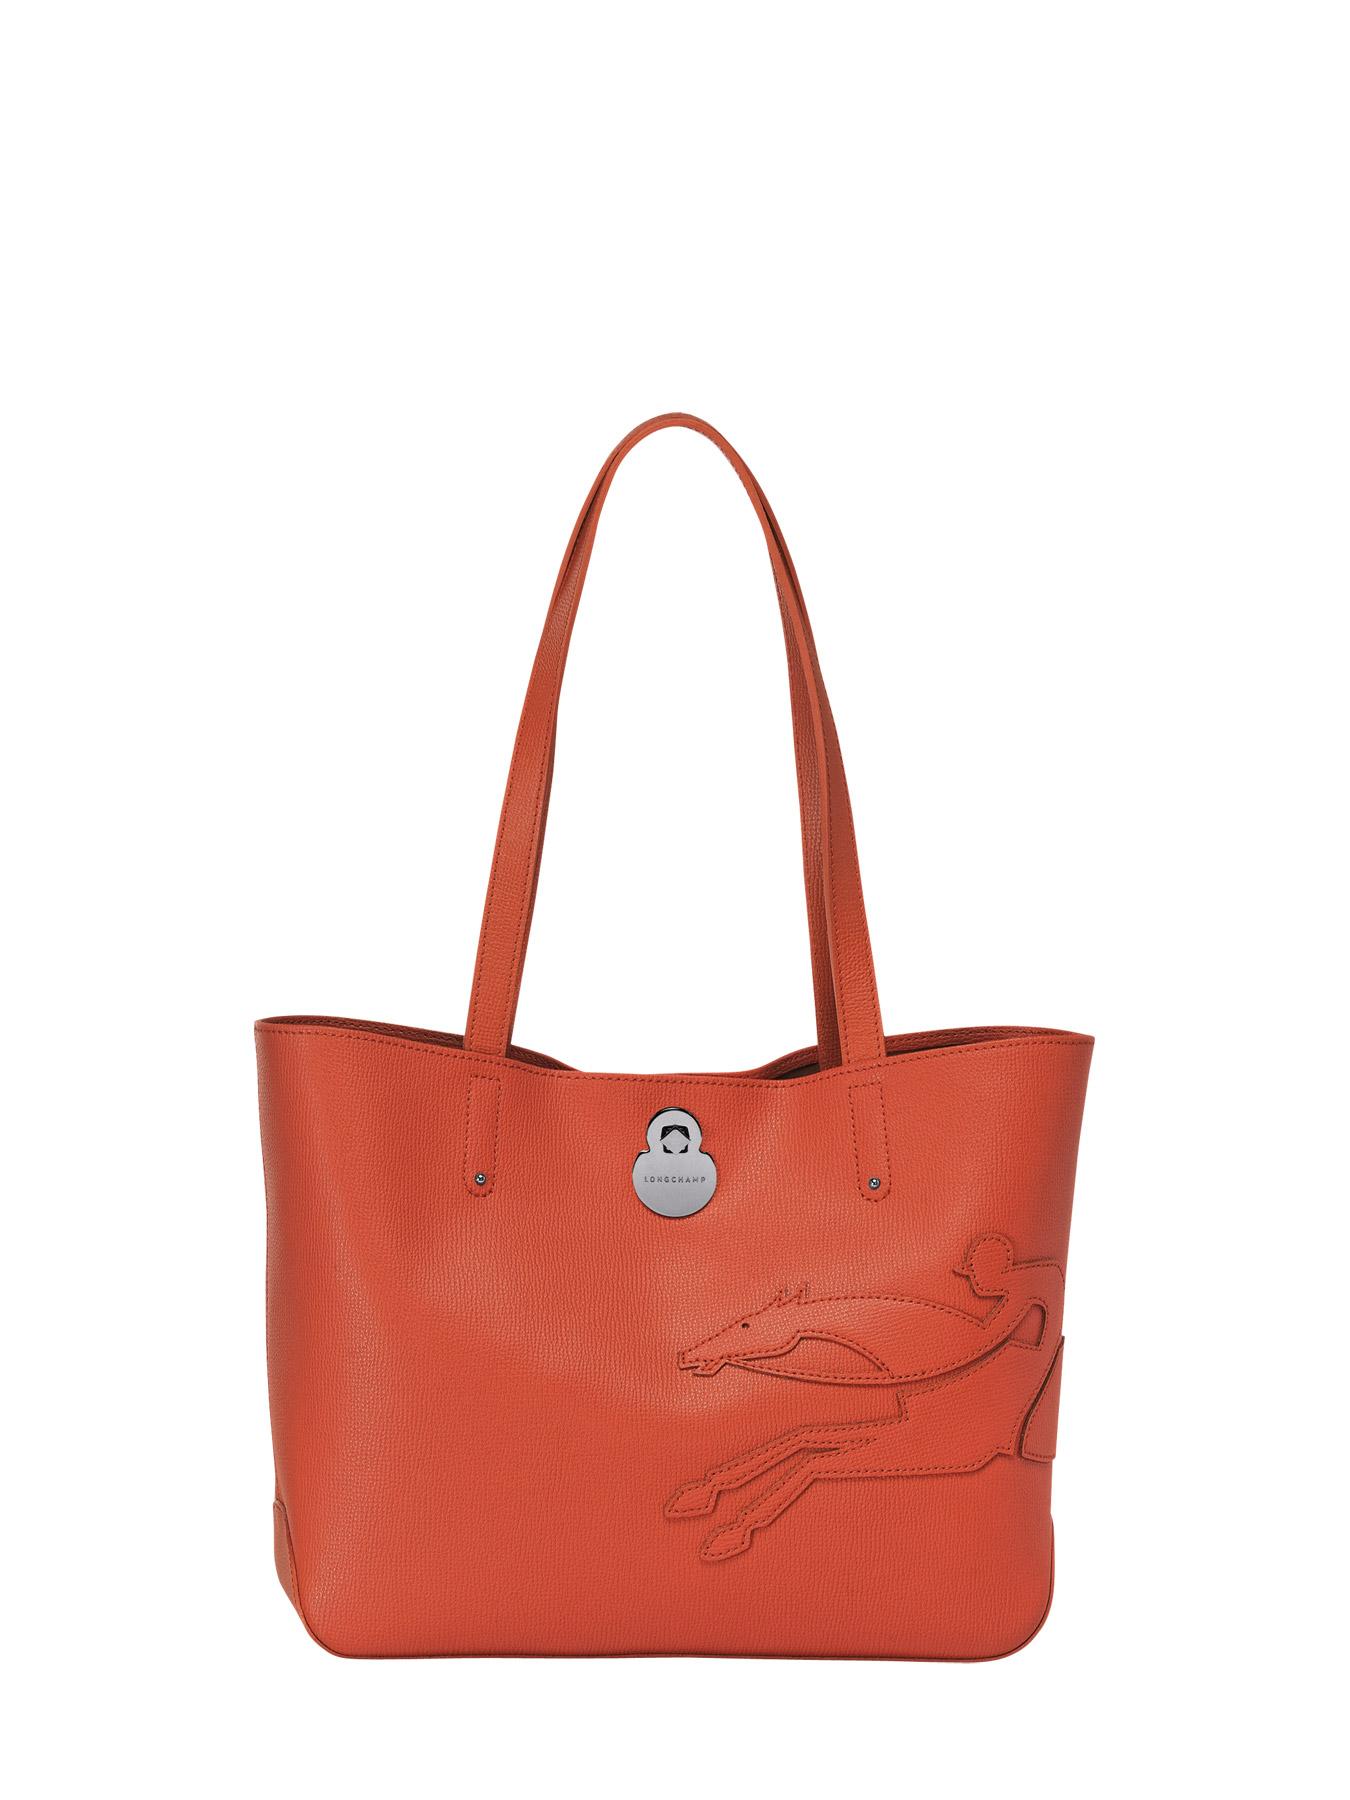 Shop Besace Orange Longchamp Shop It It Longchamp OwqwXxt8B